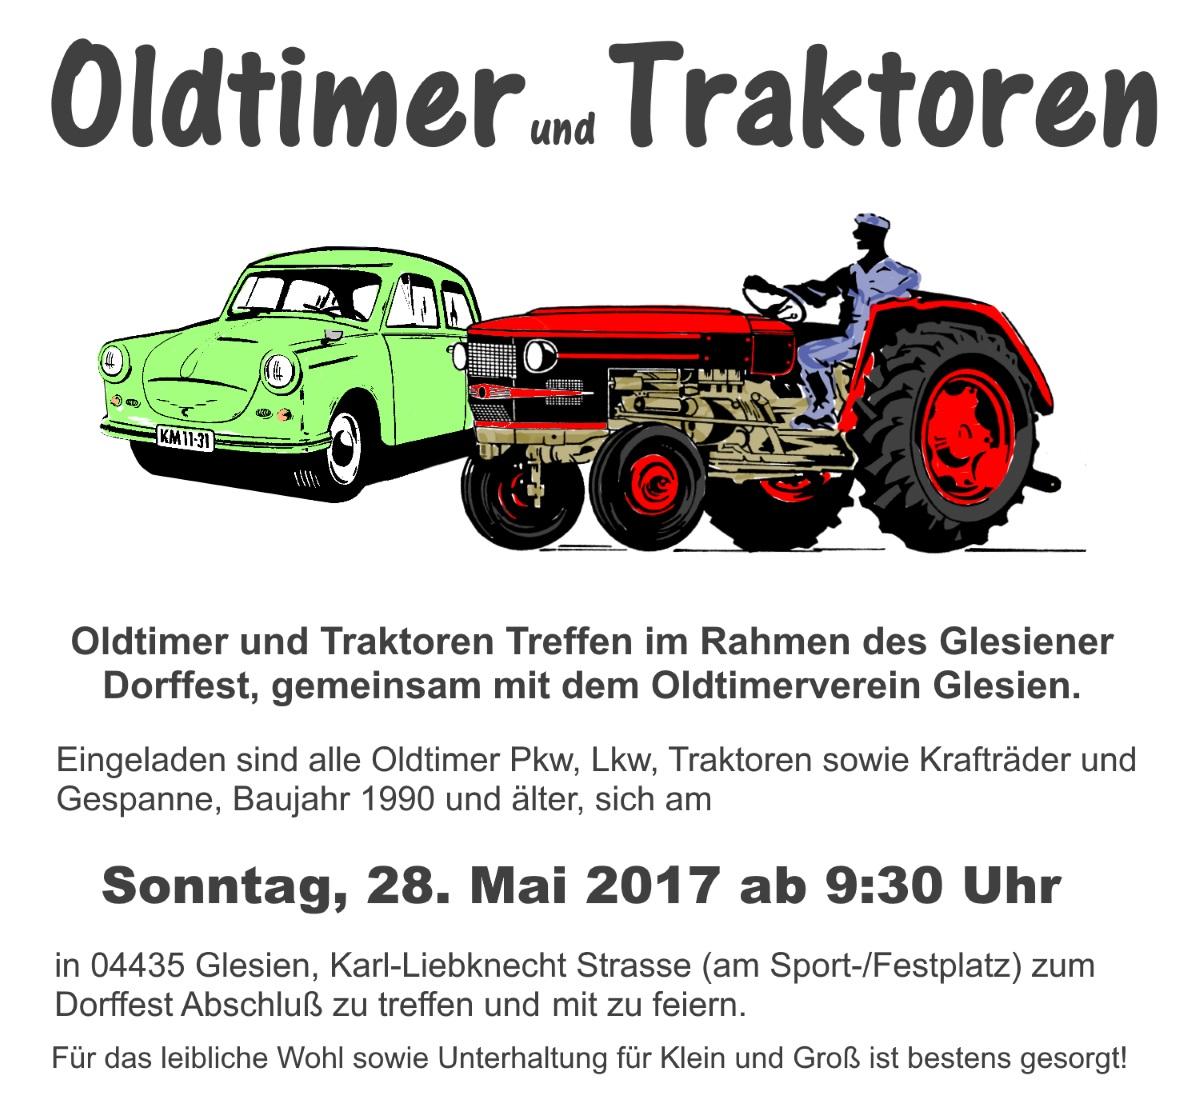 Oldtimer und Traktoren zum Dorffest Glesien, 28.5.2017